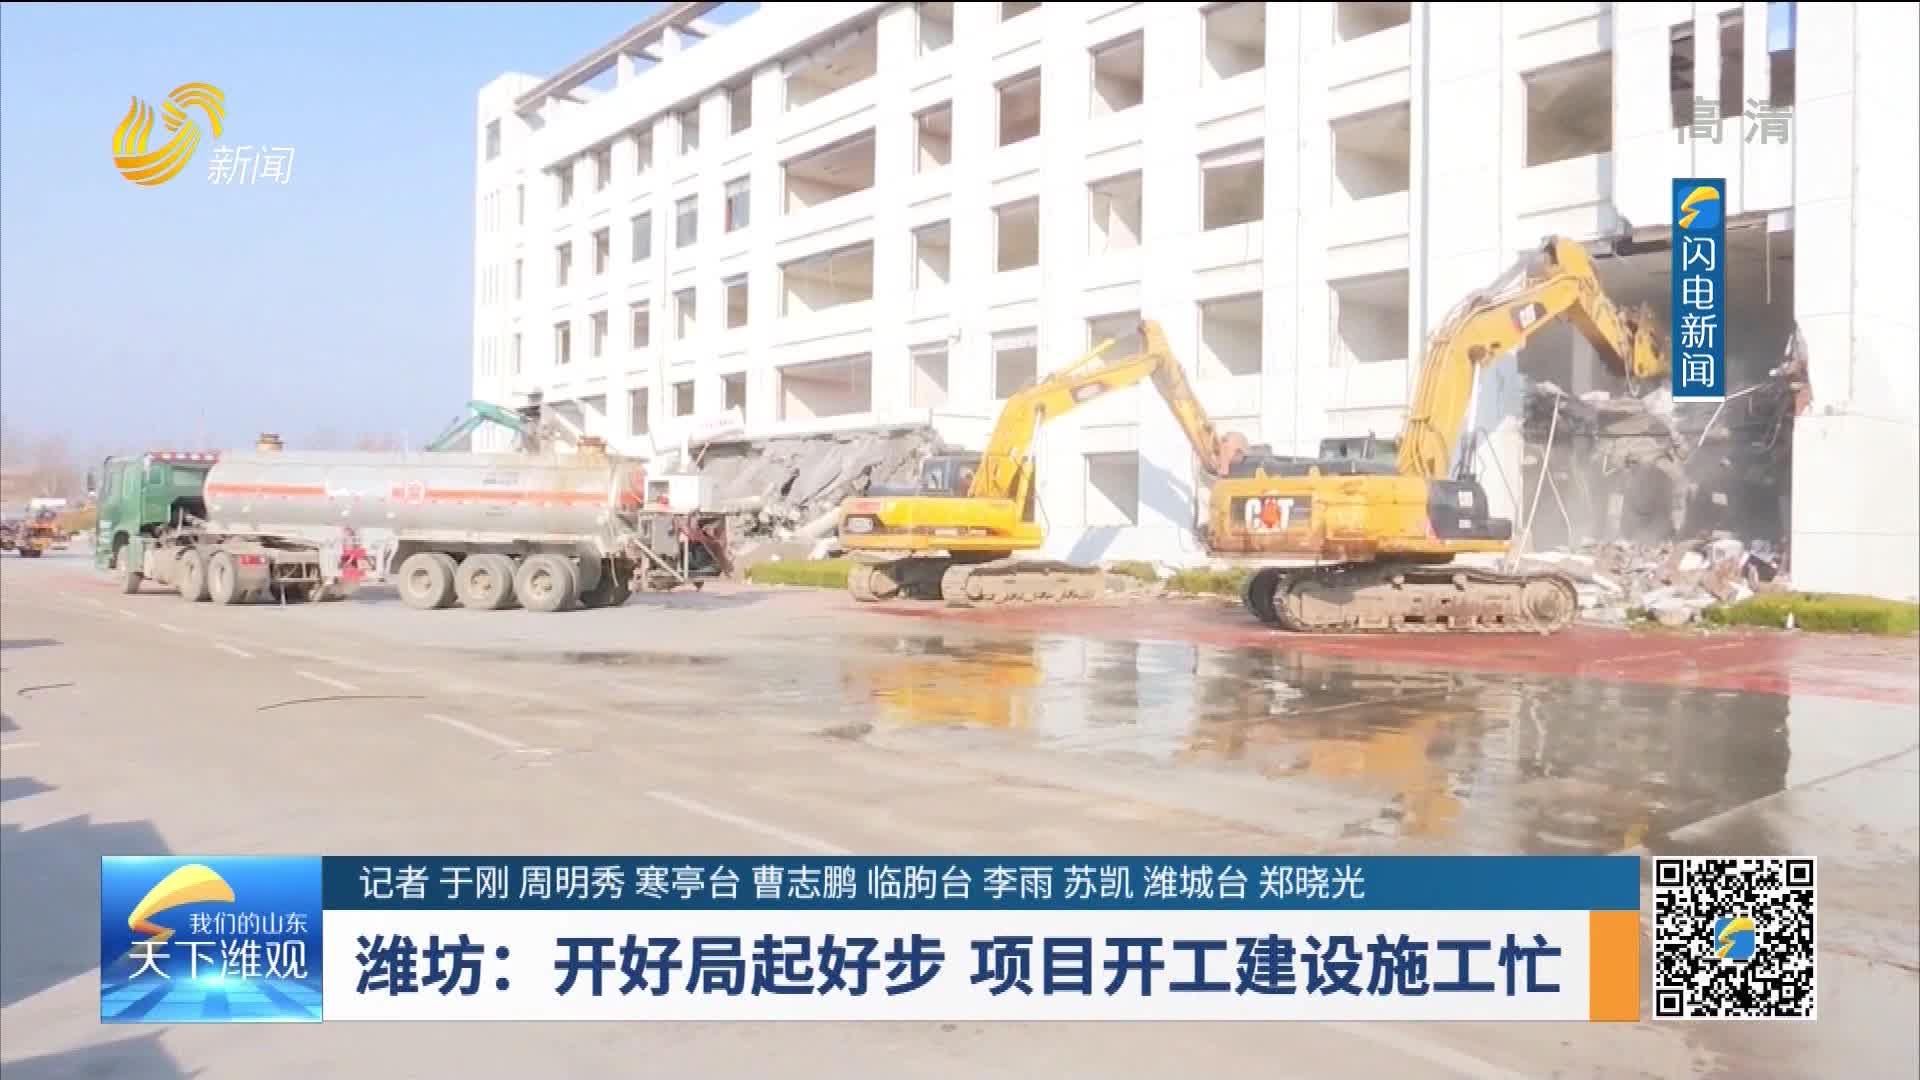 【潍观头条】潍坊:开好局起好步 项目开工建设施工忙